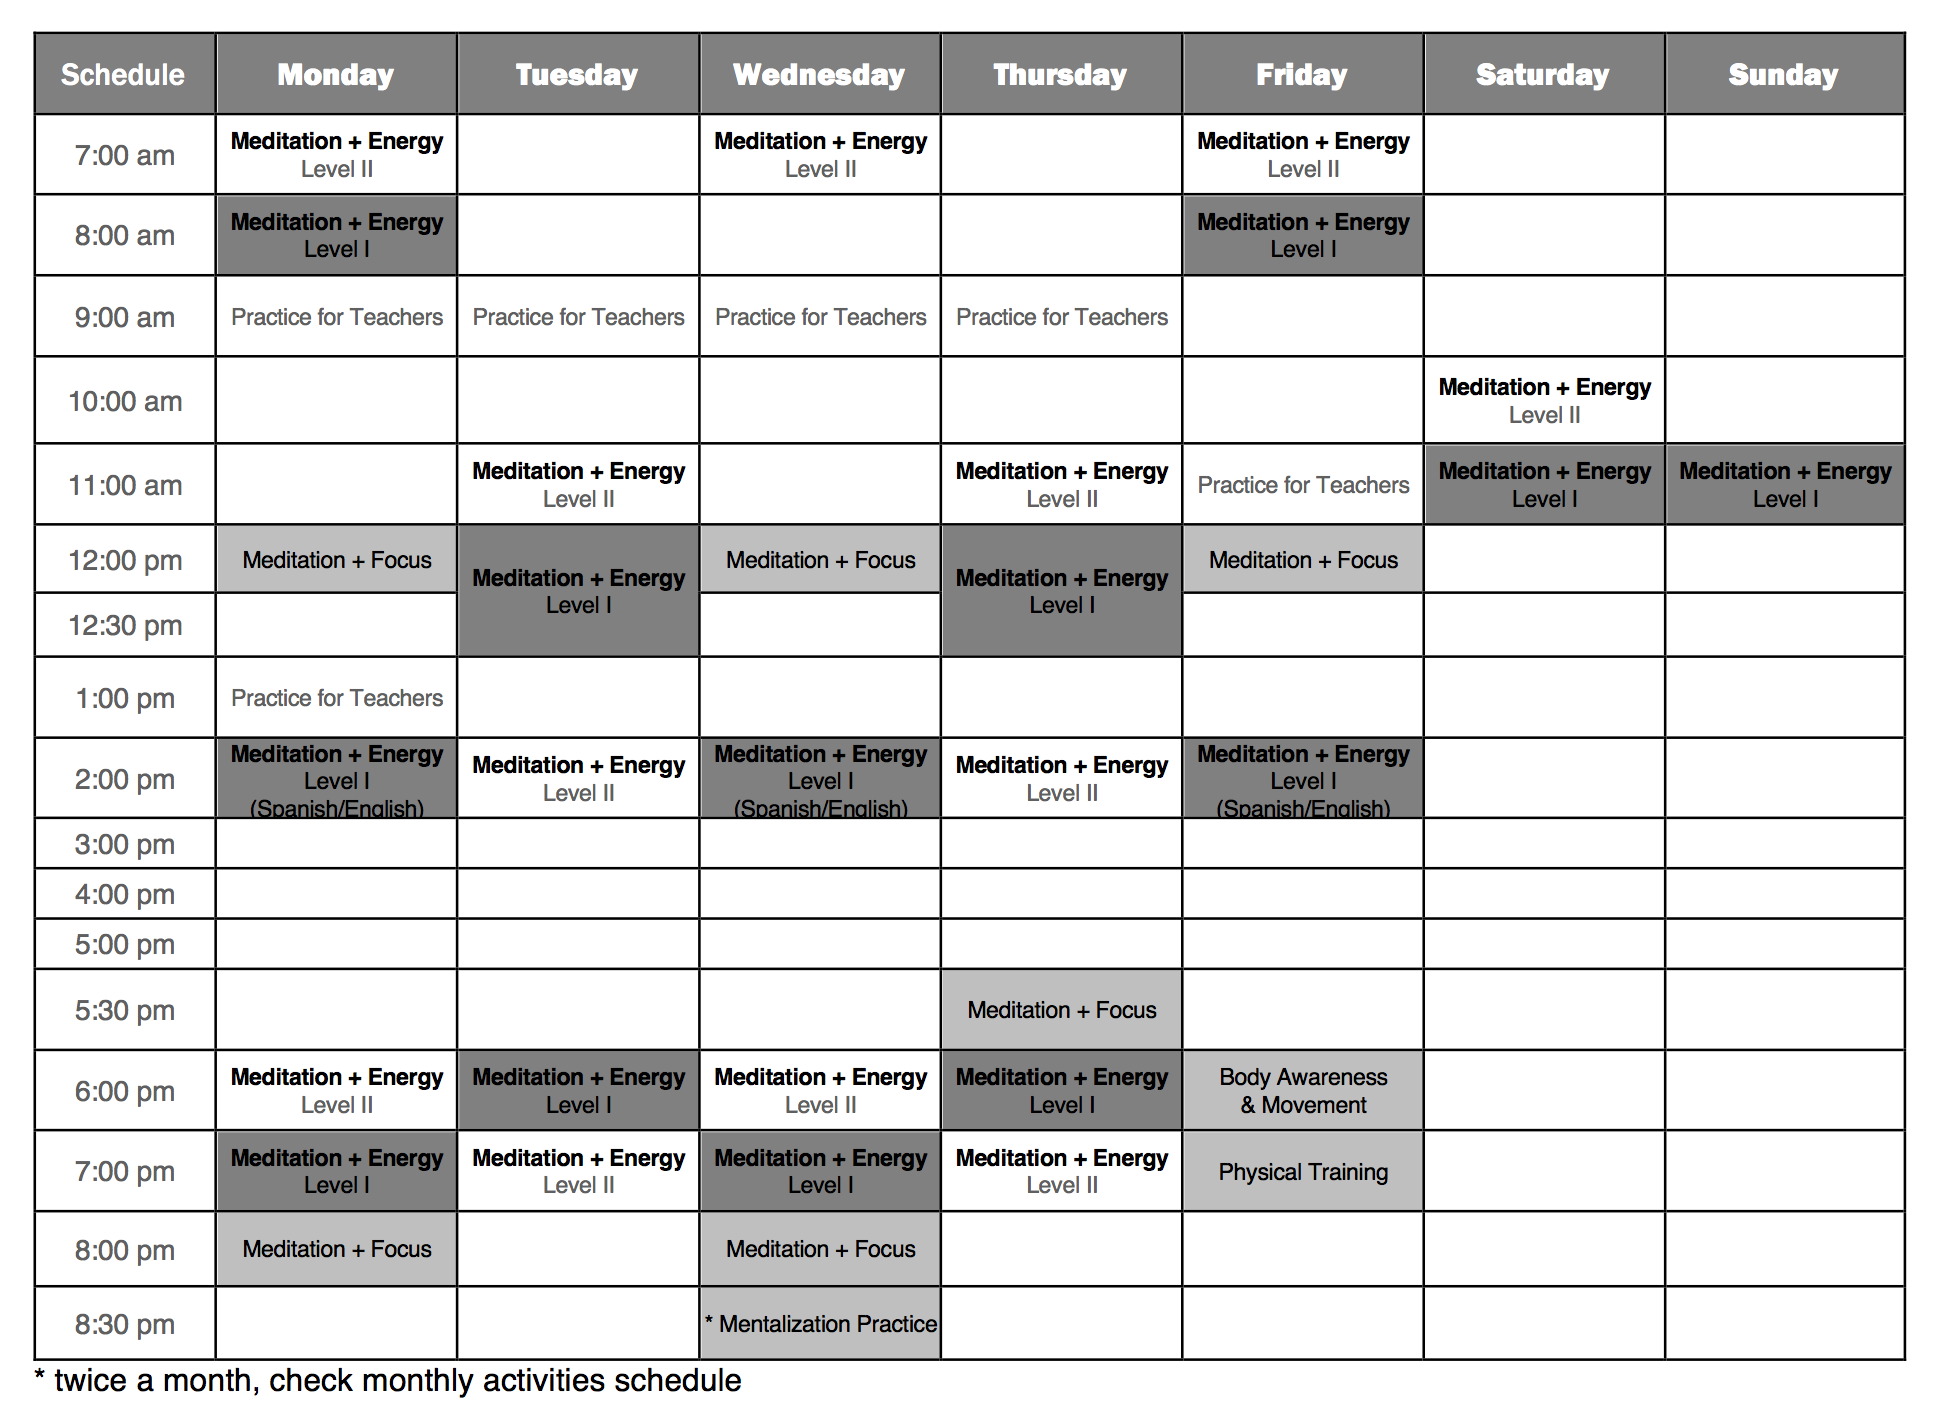 TriBeCa schedule.png